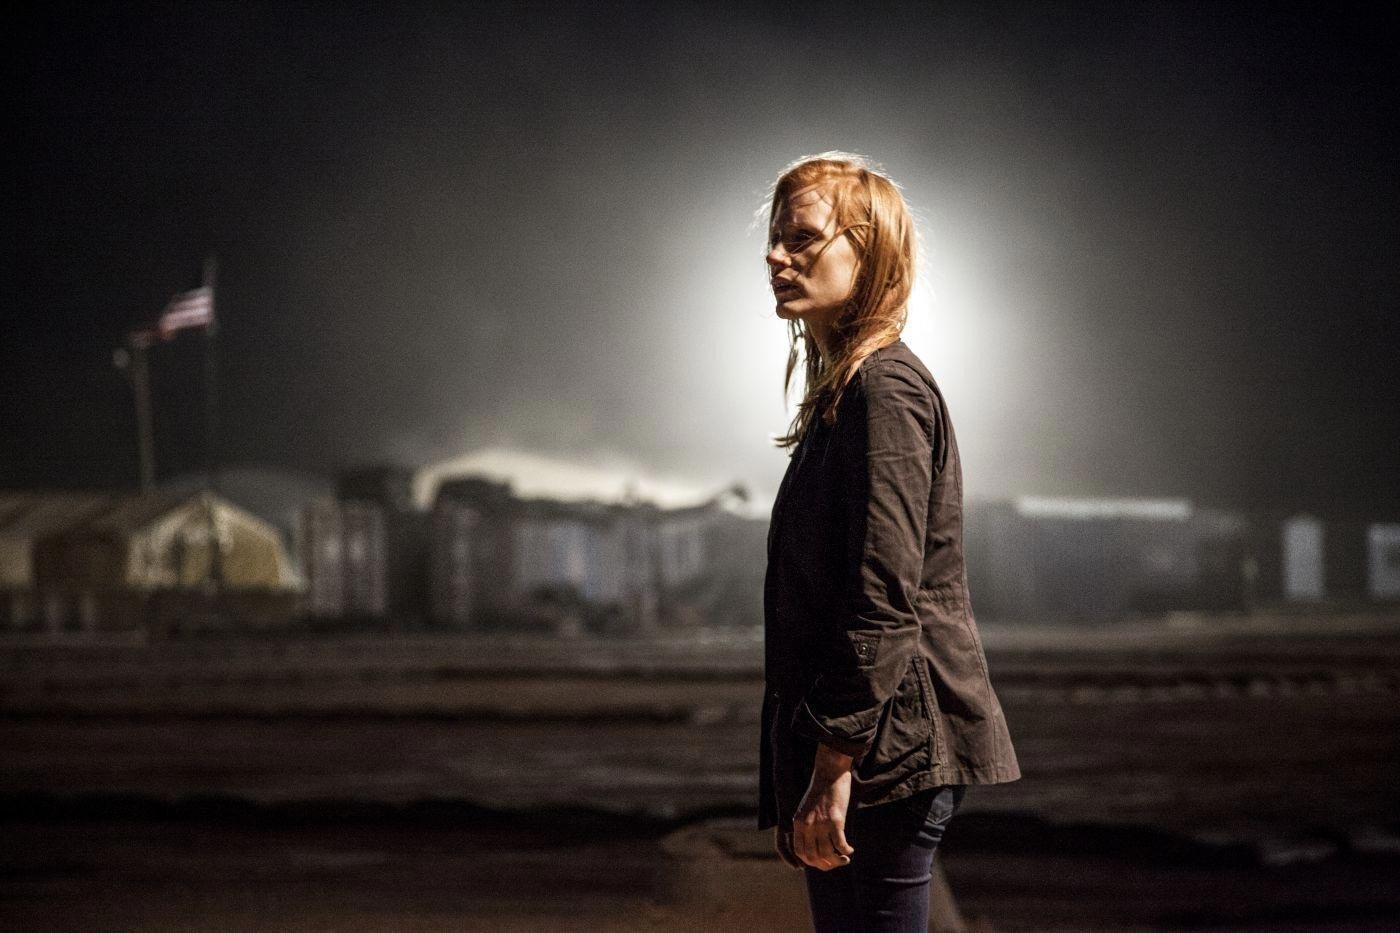 """После неожиданного успеха фильма Кэтрин Бигелоу """"Повелитель бури"""", новость о выходе её нового фильма пробудила во мн ... - Изображение 2"""